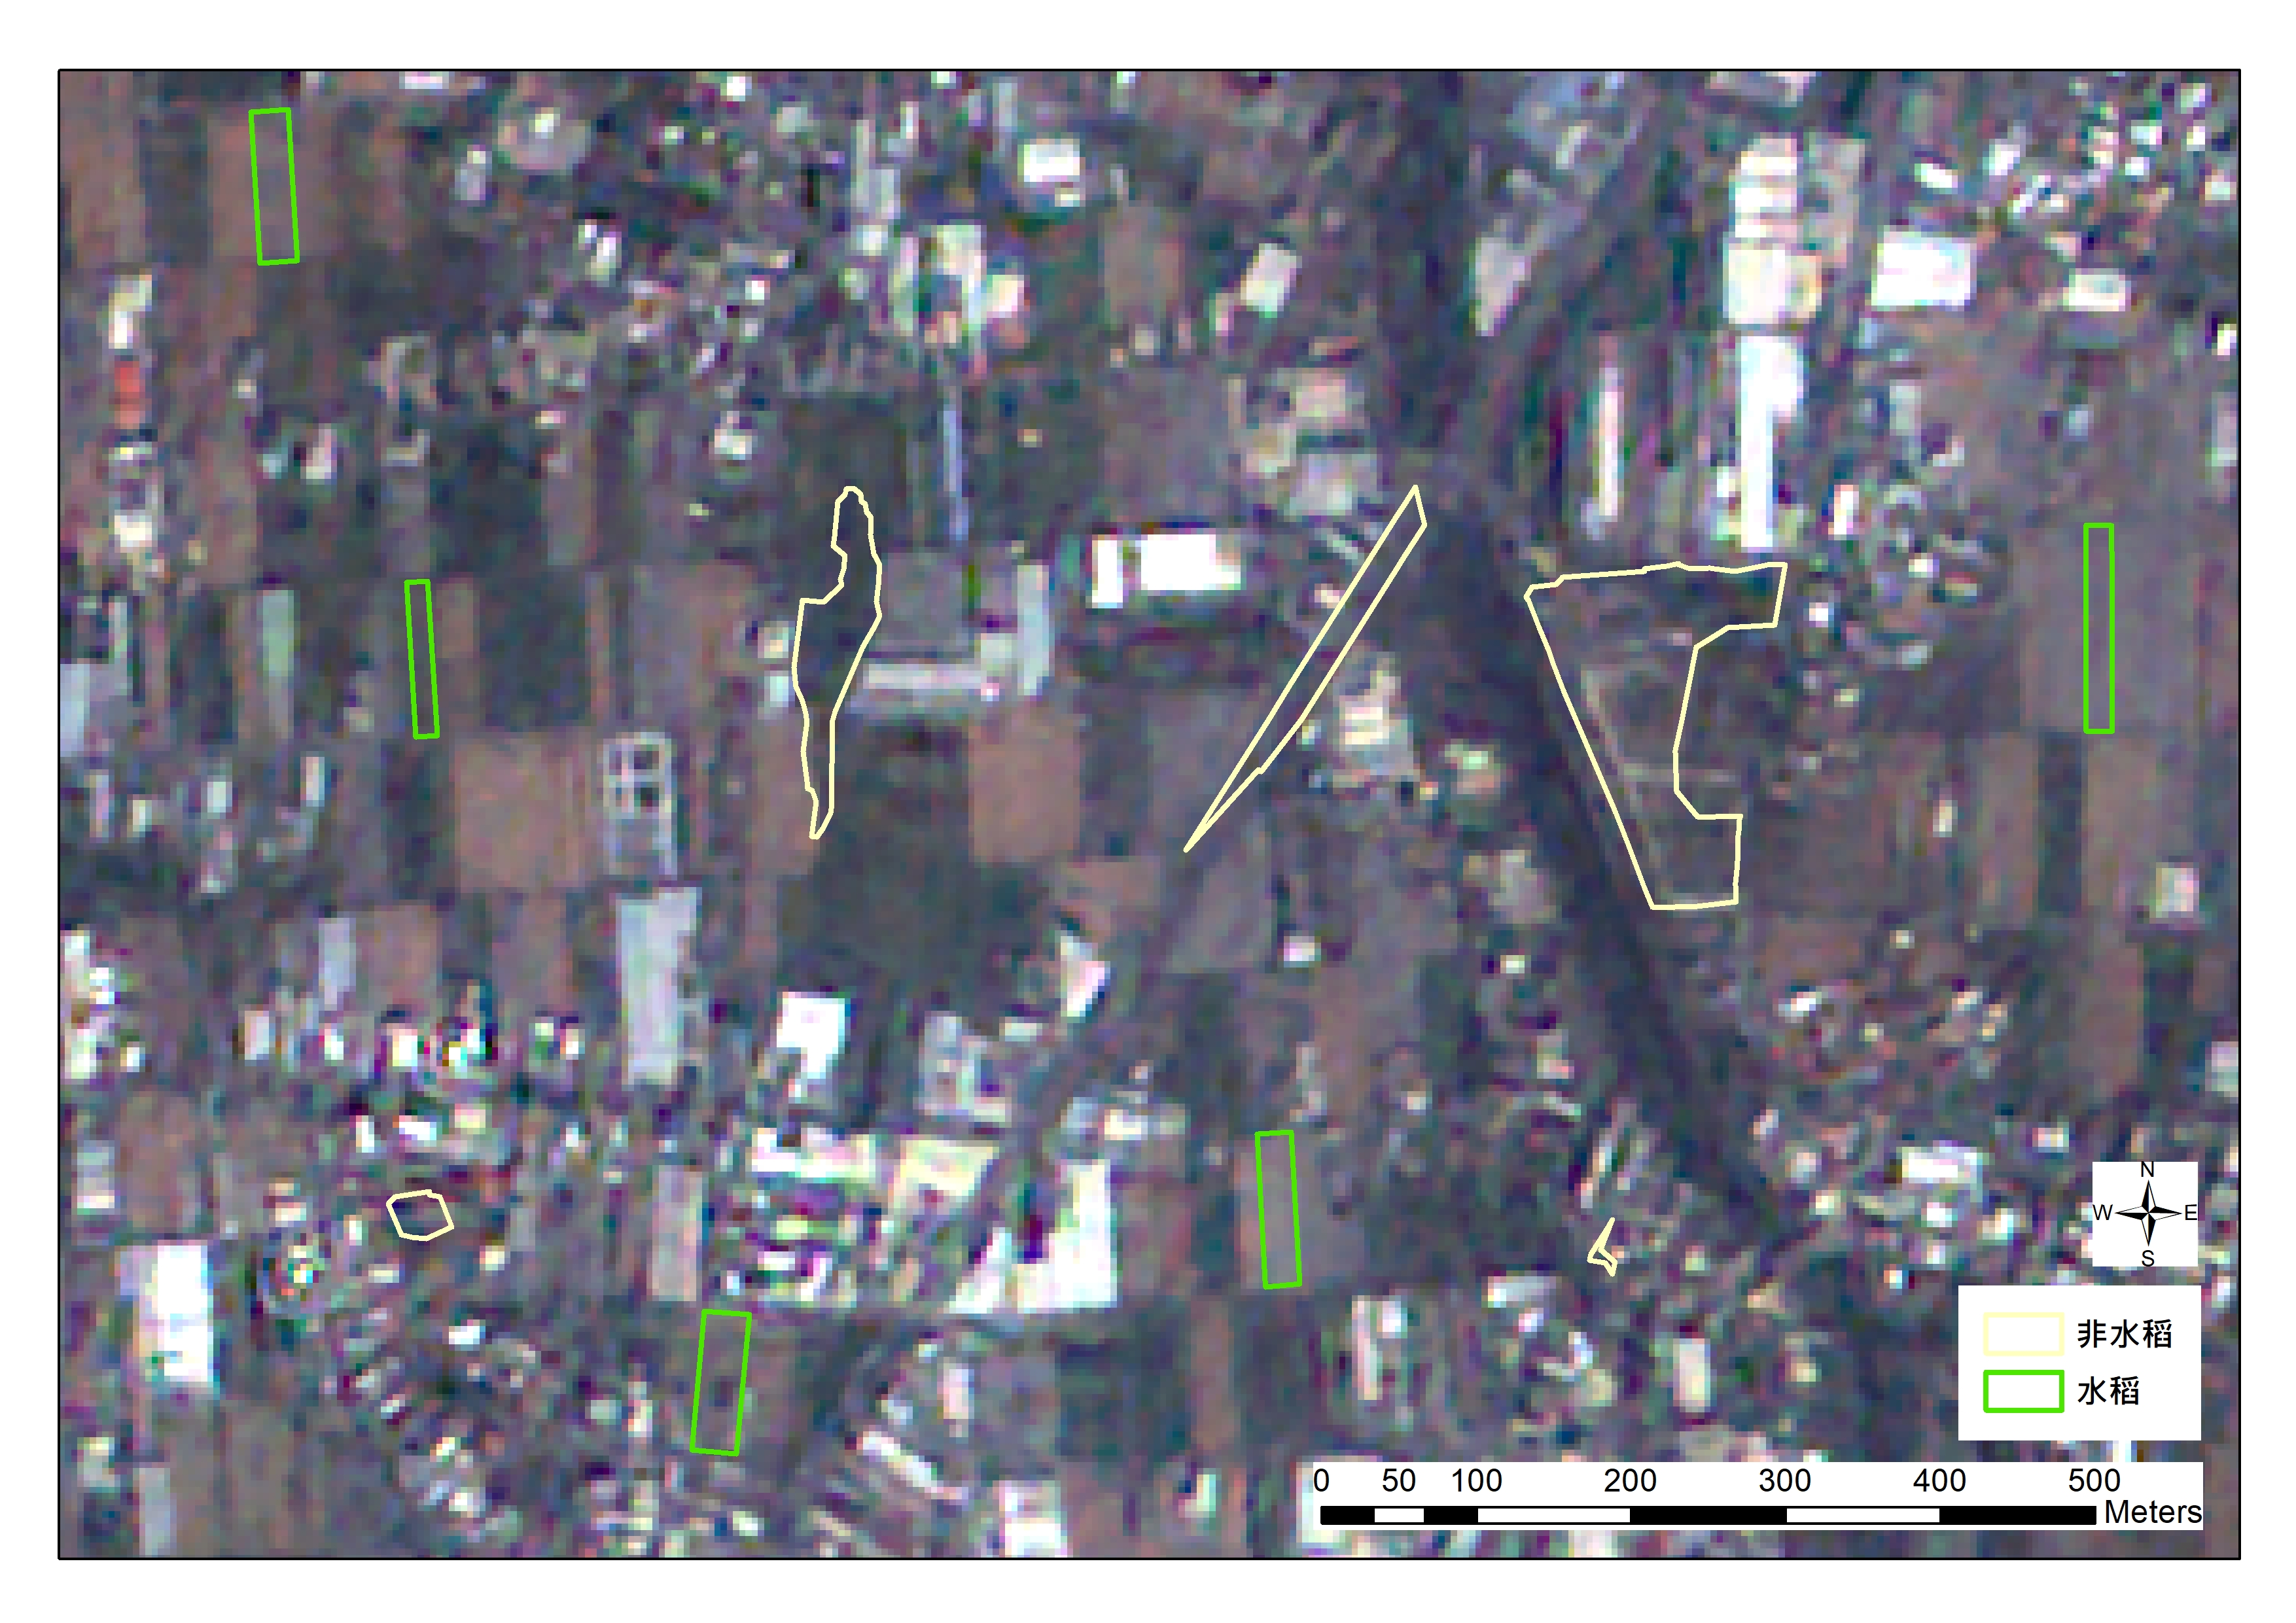 福衛五號光學影像- 自然彩色影像 - 綠色標記為水稻 黃色標記為非水稻